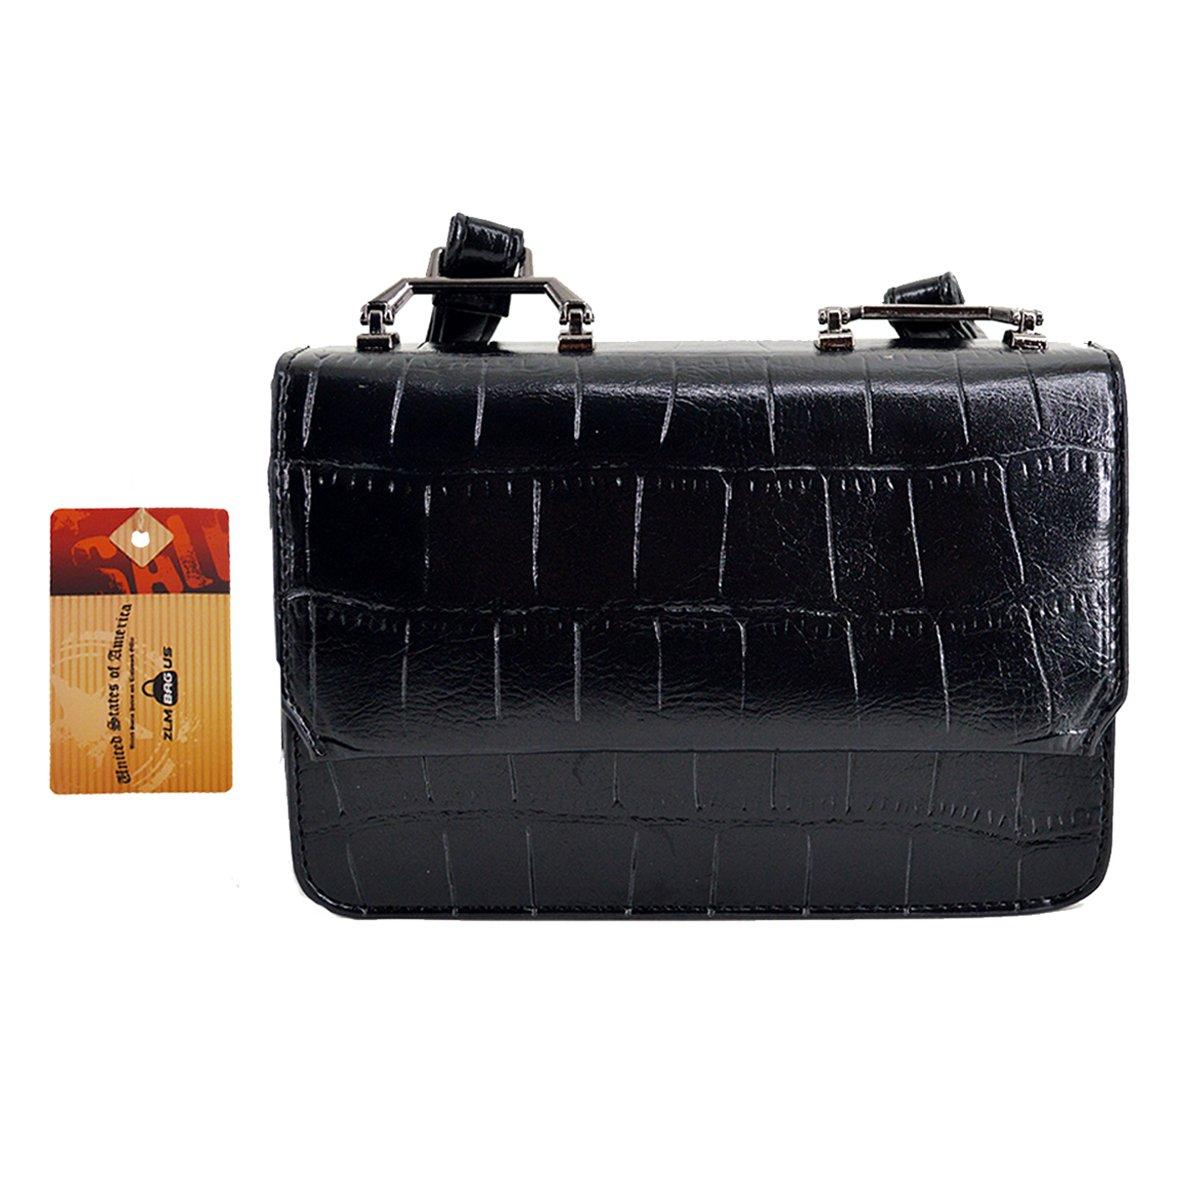 ZLM BAG US Women Alligator Print Faux Leather Messenger Shoulder Bag Embossing Pattern Travel Crossbody Bag Black